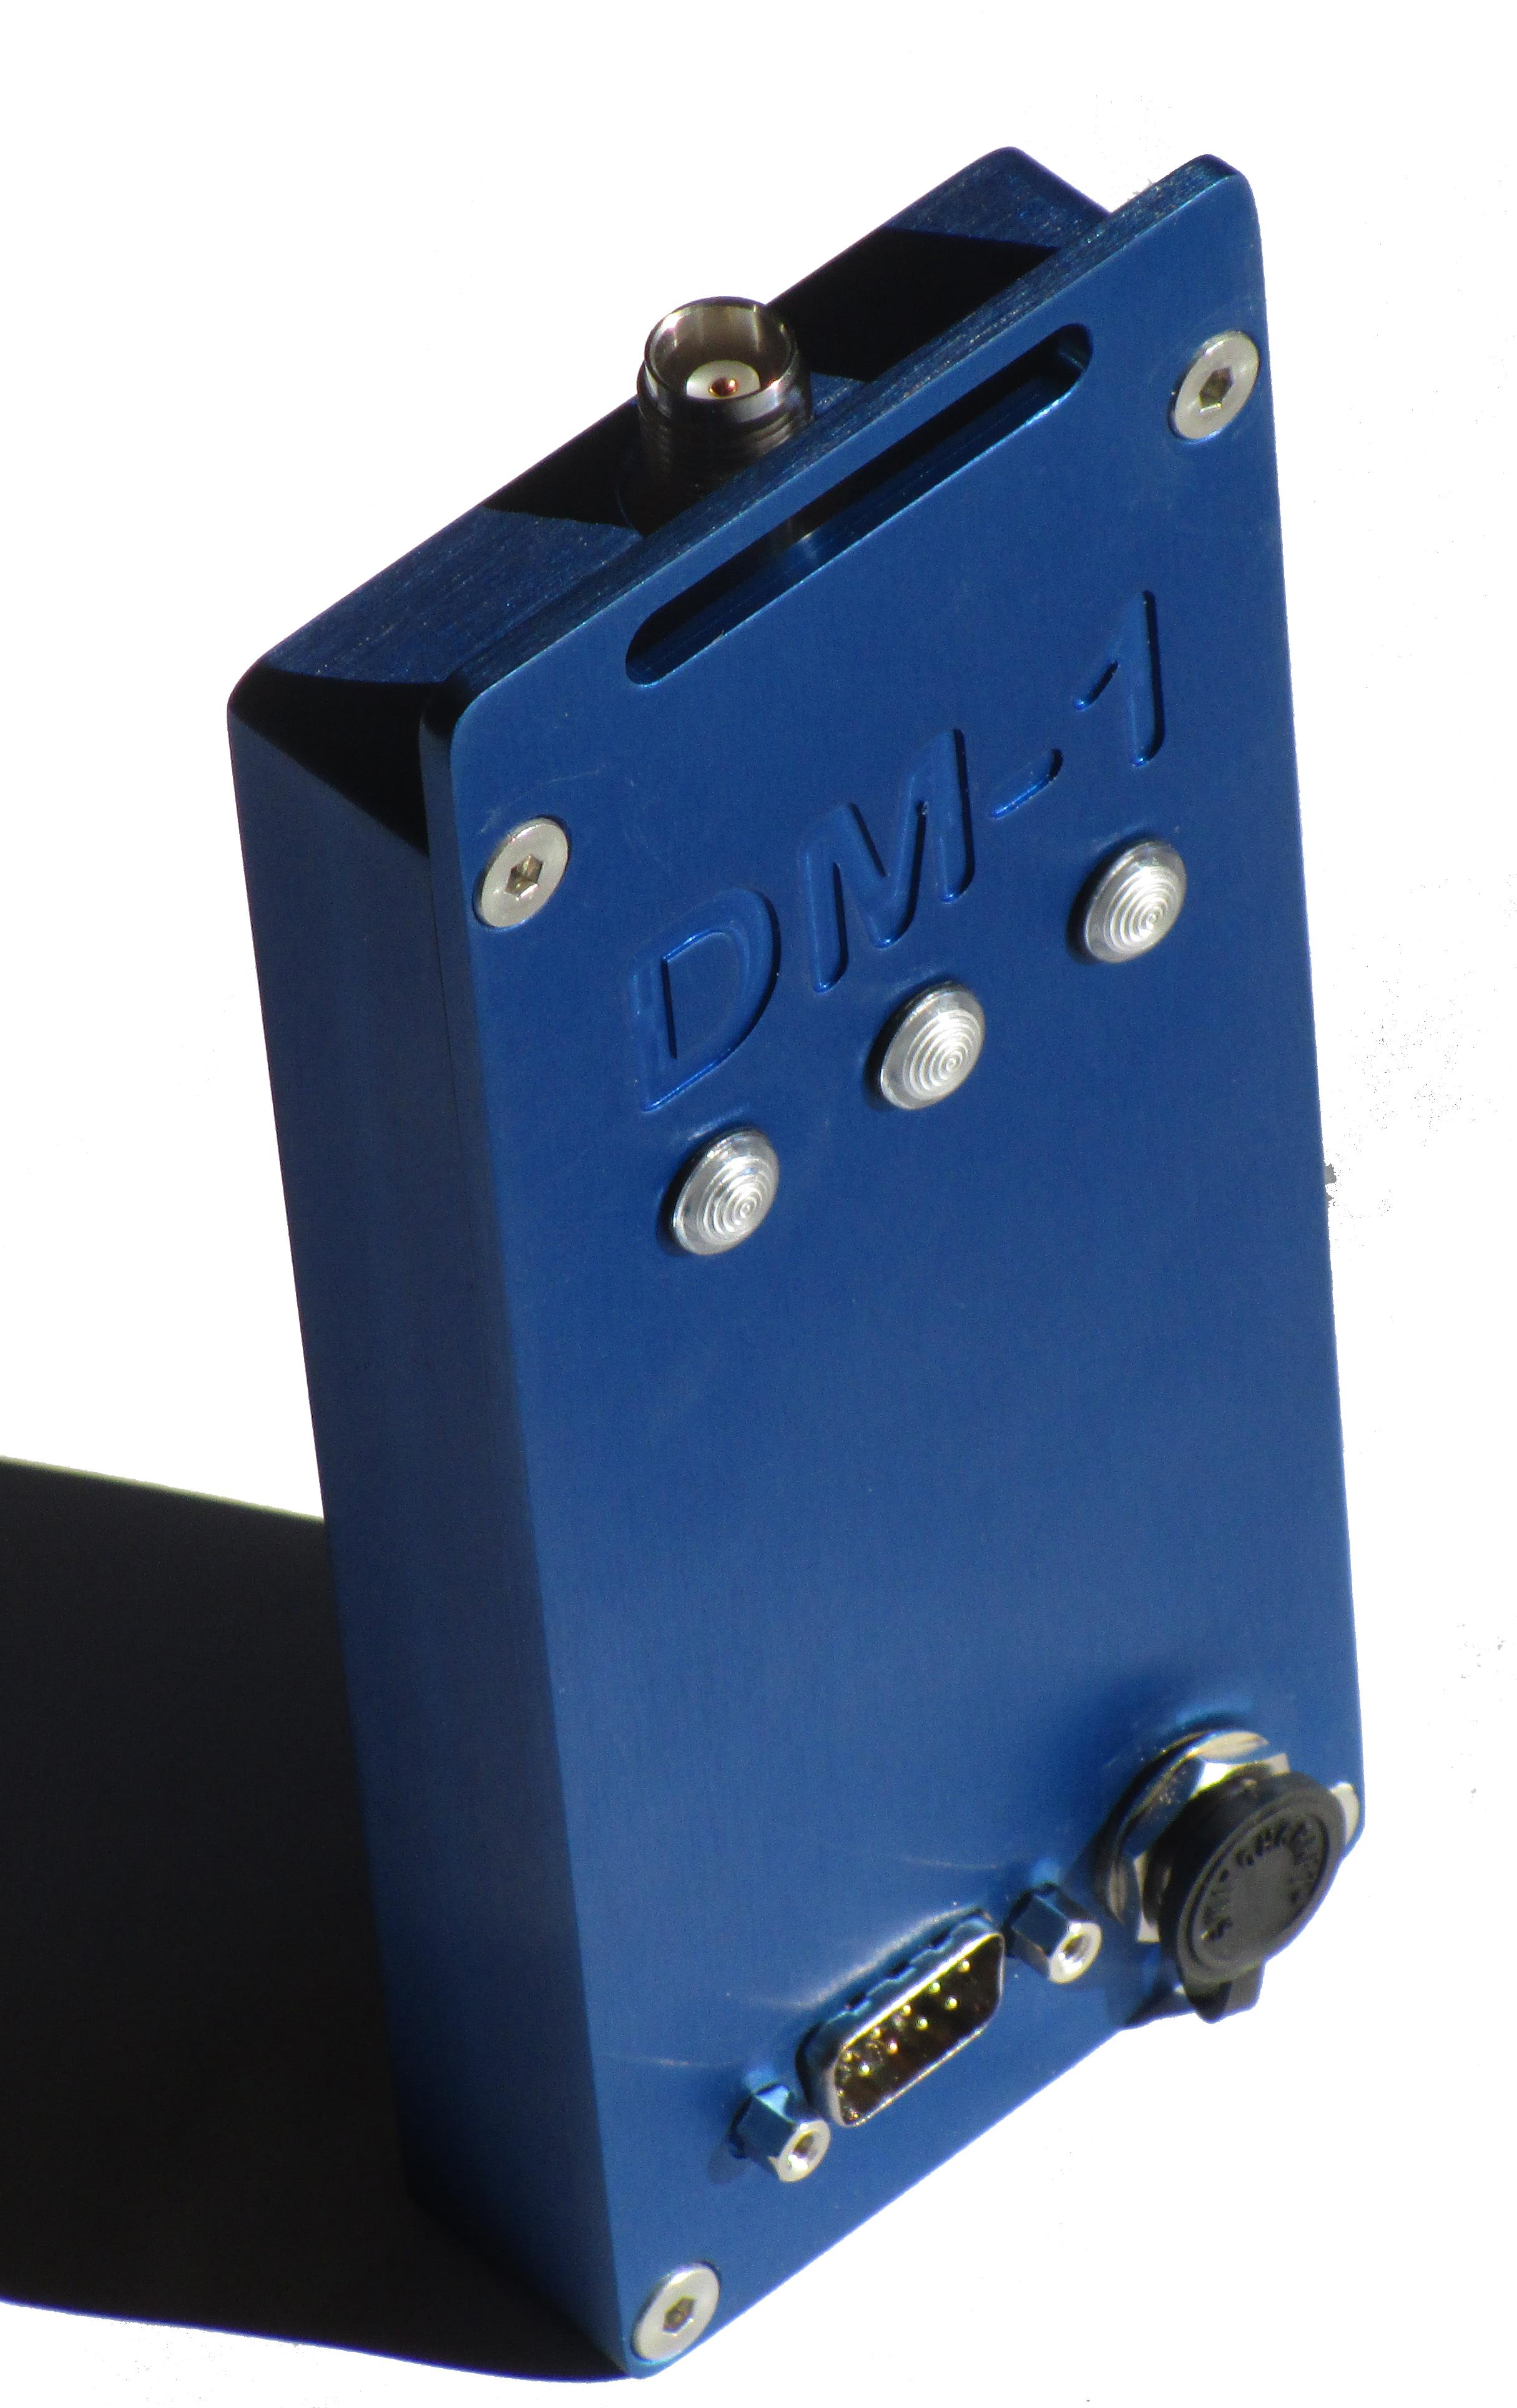 DM -1 CivilShop